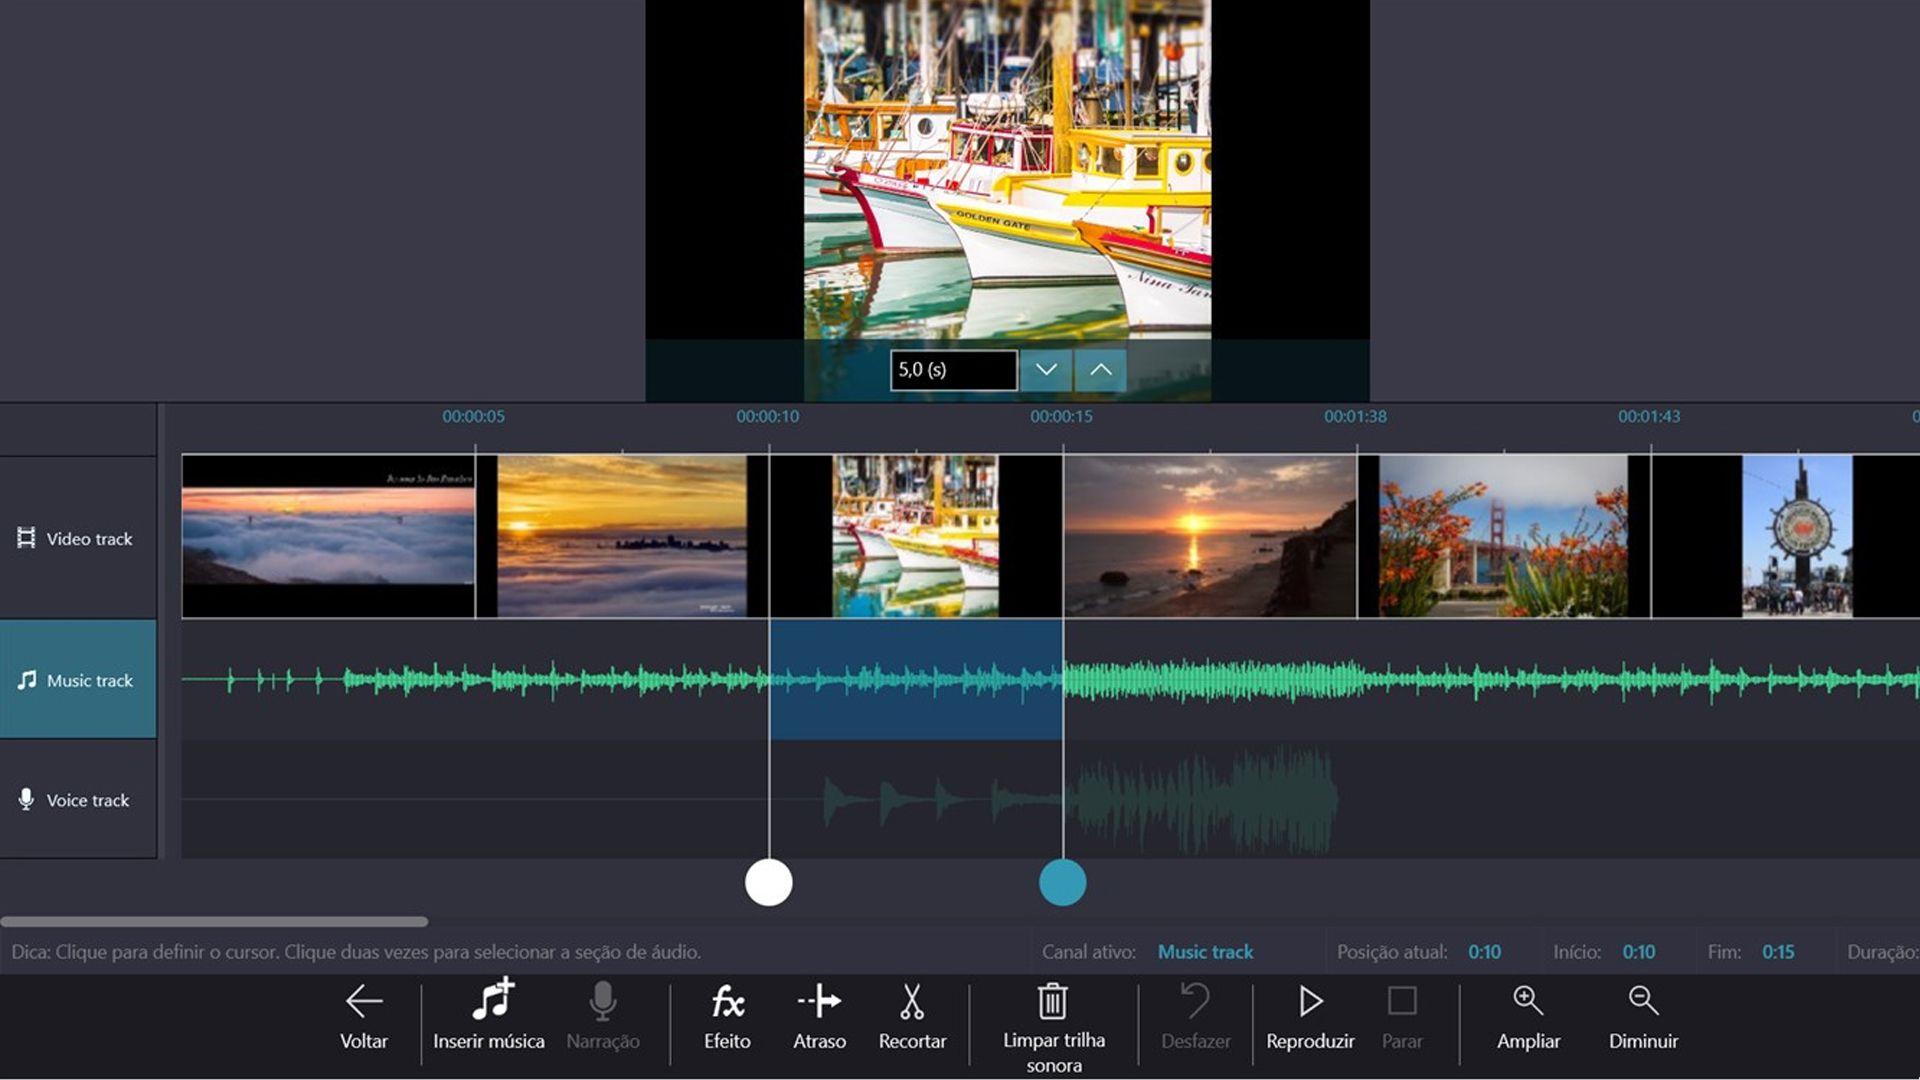 O Windows Movie Maker é um editor de vídeo grátis básico para ajustes simples (Fonte: Reprodução)